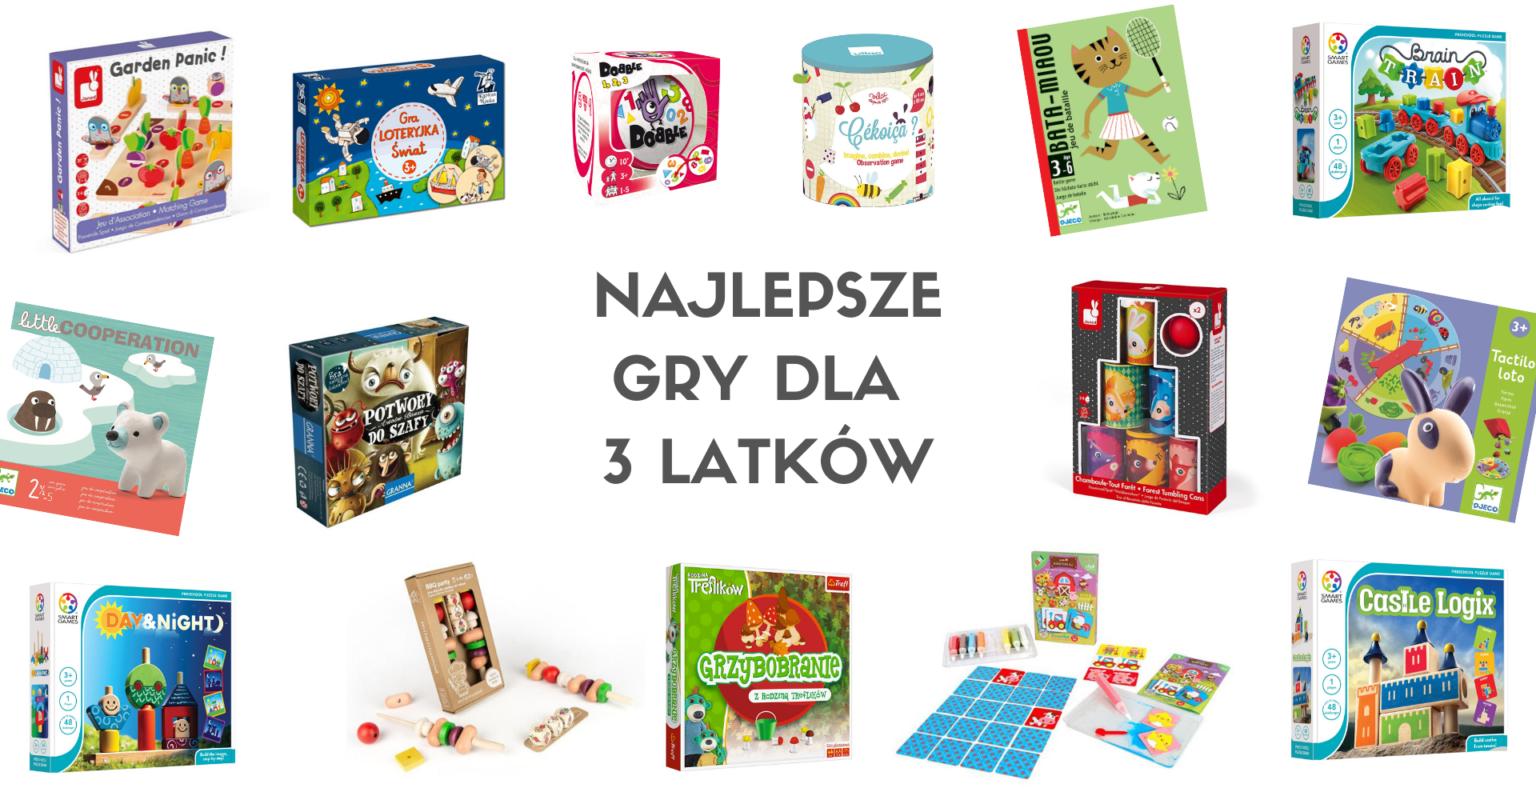 Gry dla 3 latków - zestawienie najciekawszych propozycji gier dla trzyletnich dzieci.